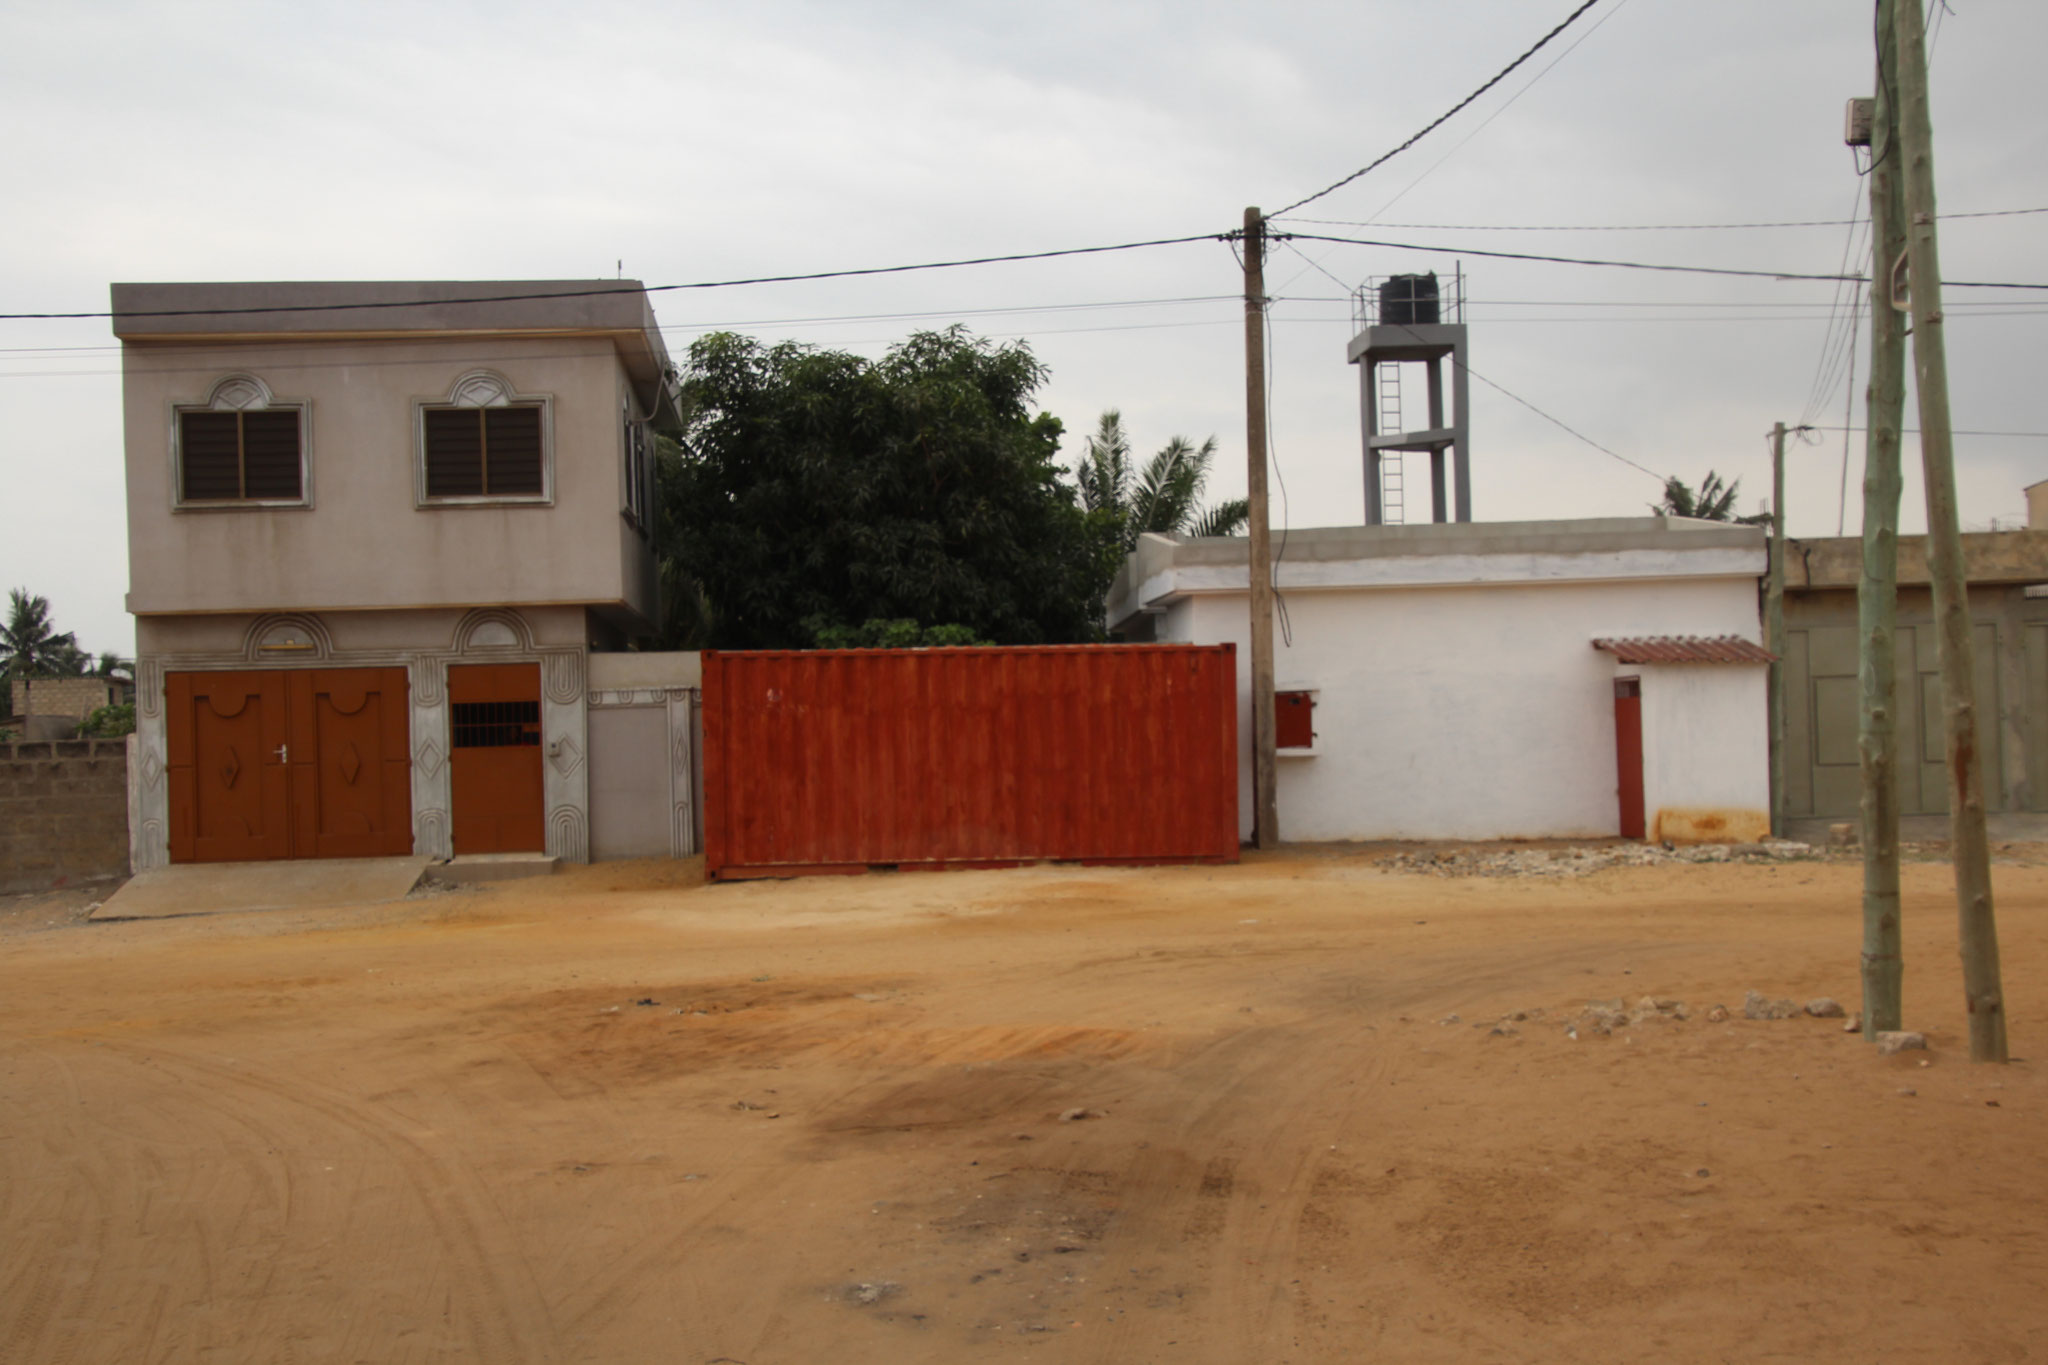 Links Garage und Appartement Rechts Afrikanische Küche mit Abfallensorgungsraum.